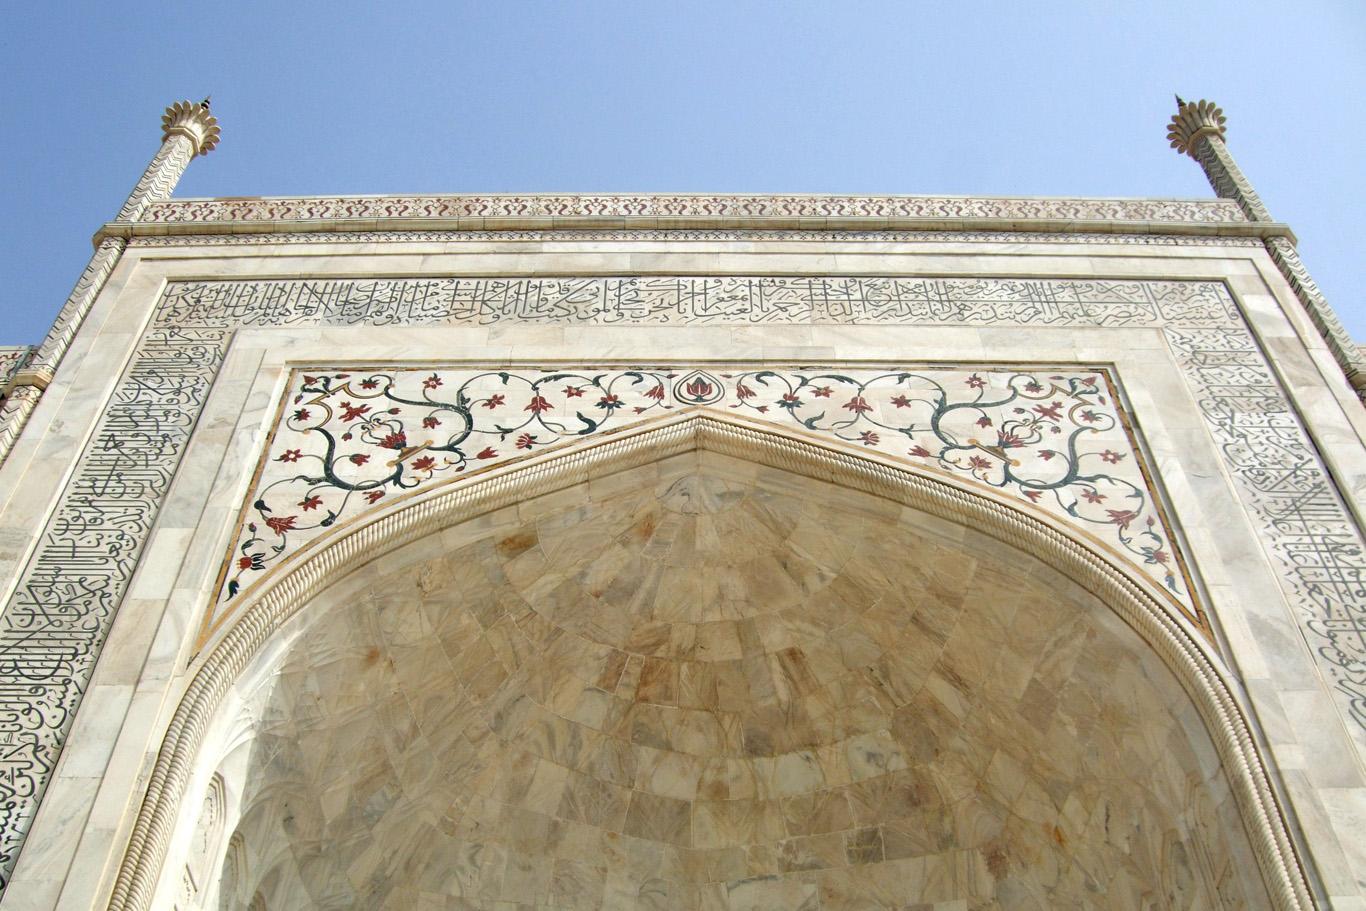 Taj Mahal - The mausoleum - incredible details